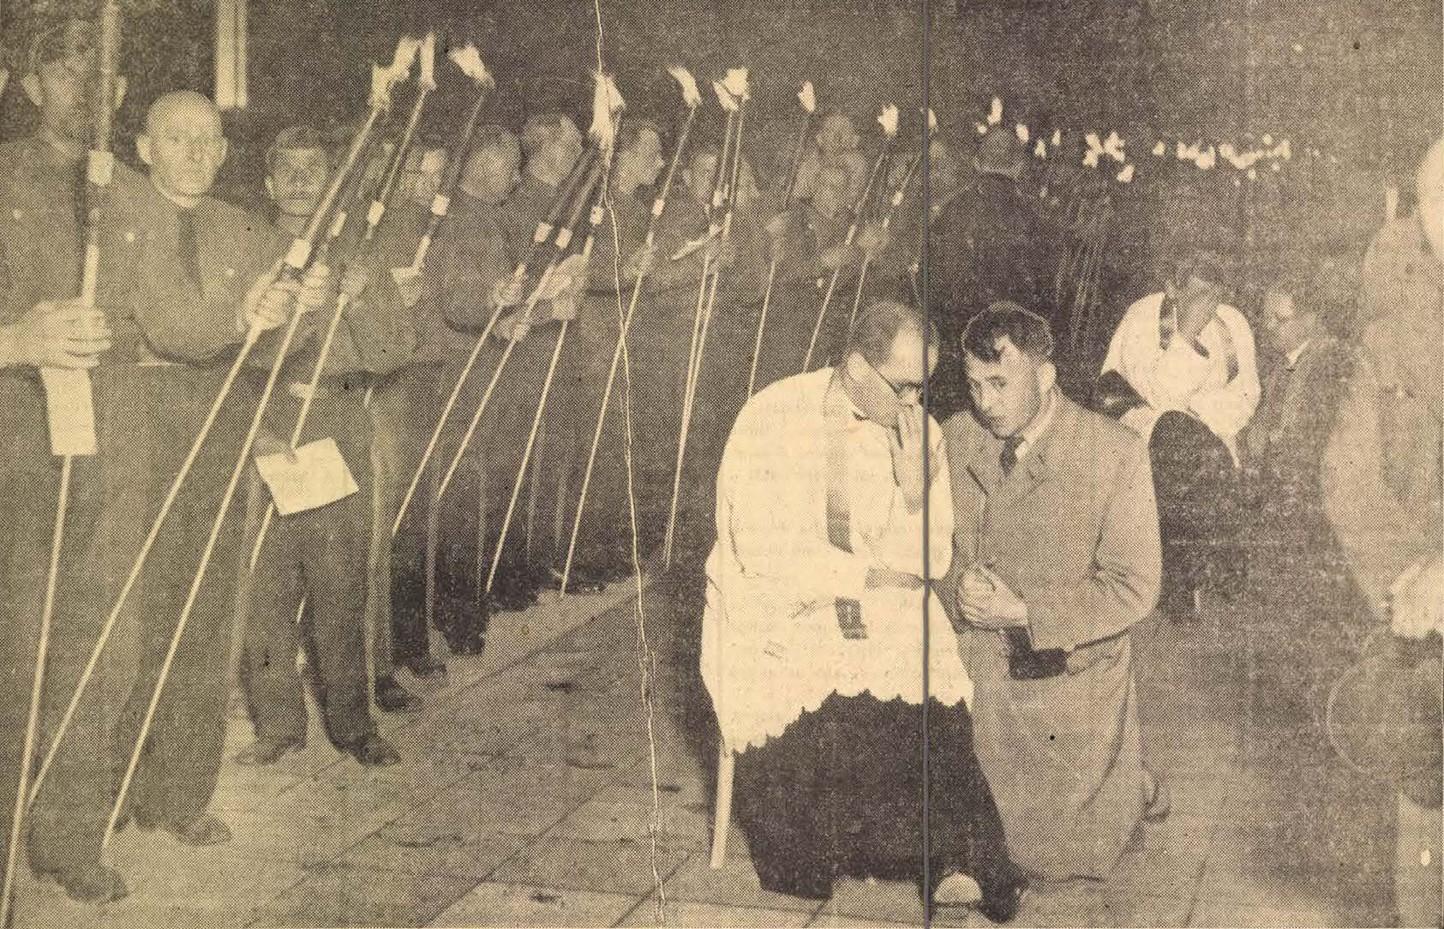 Az Est fotóriportja az éjszakai szentségimádásról és az éjféli miséről. Gyónnak a hitvalló férfiak az éjféli mise előtt a Hősök terén. In. Az Est, 1938. május 29., 5. – Törzsgyűjtemény http://nektar.oszk.hu/hu/manifestation/980856